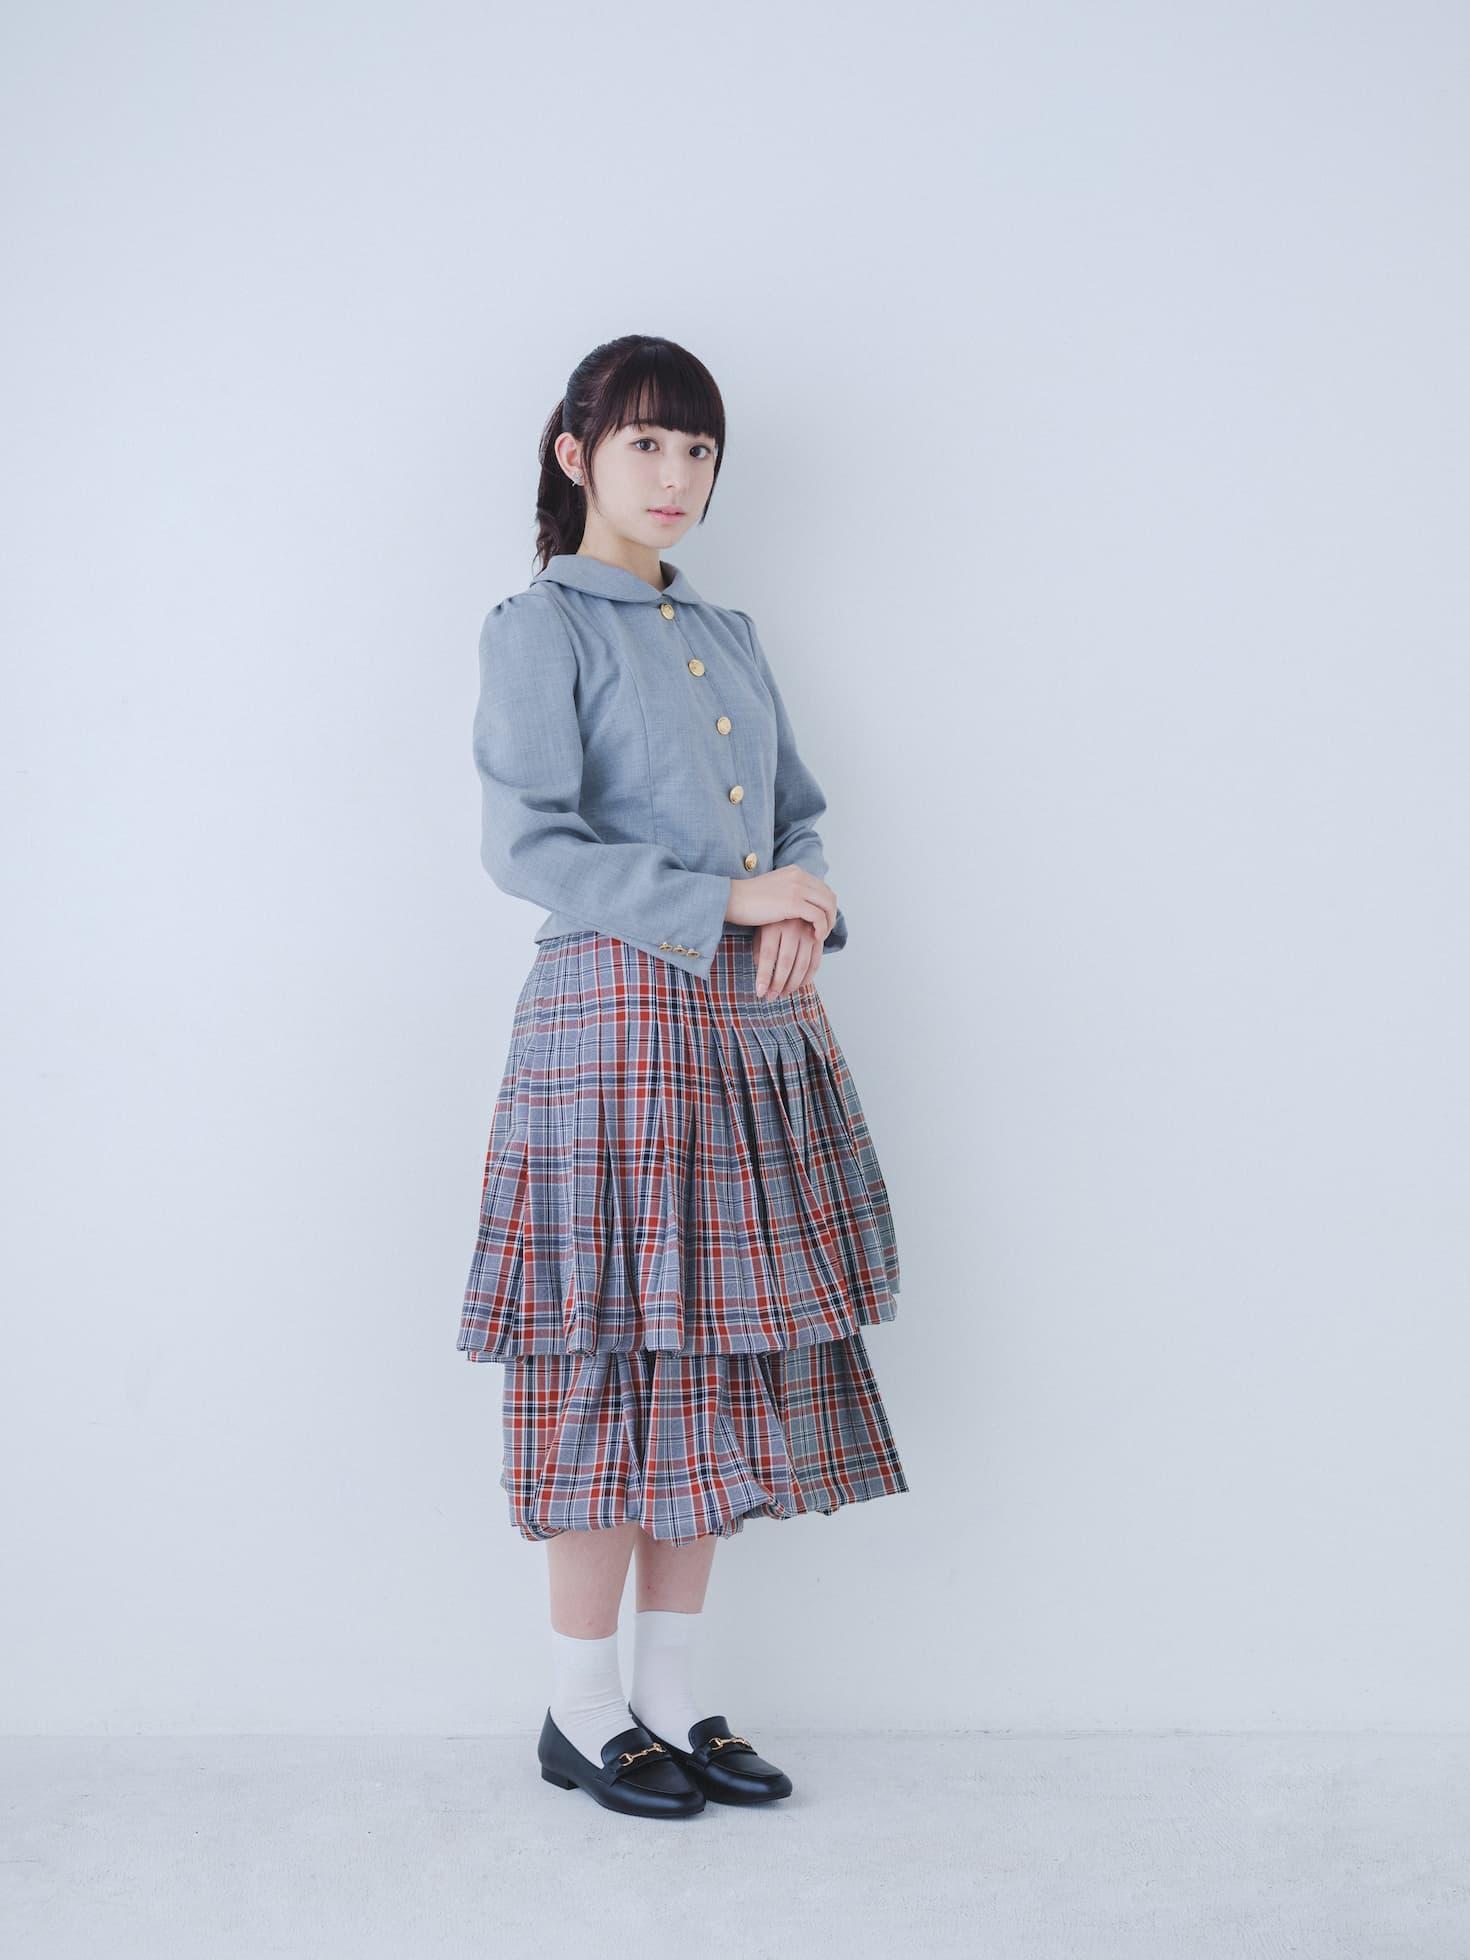 hanamura_honoka_01